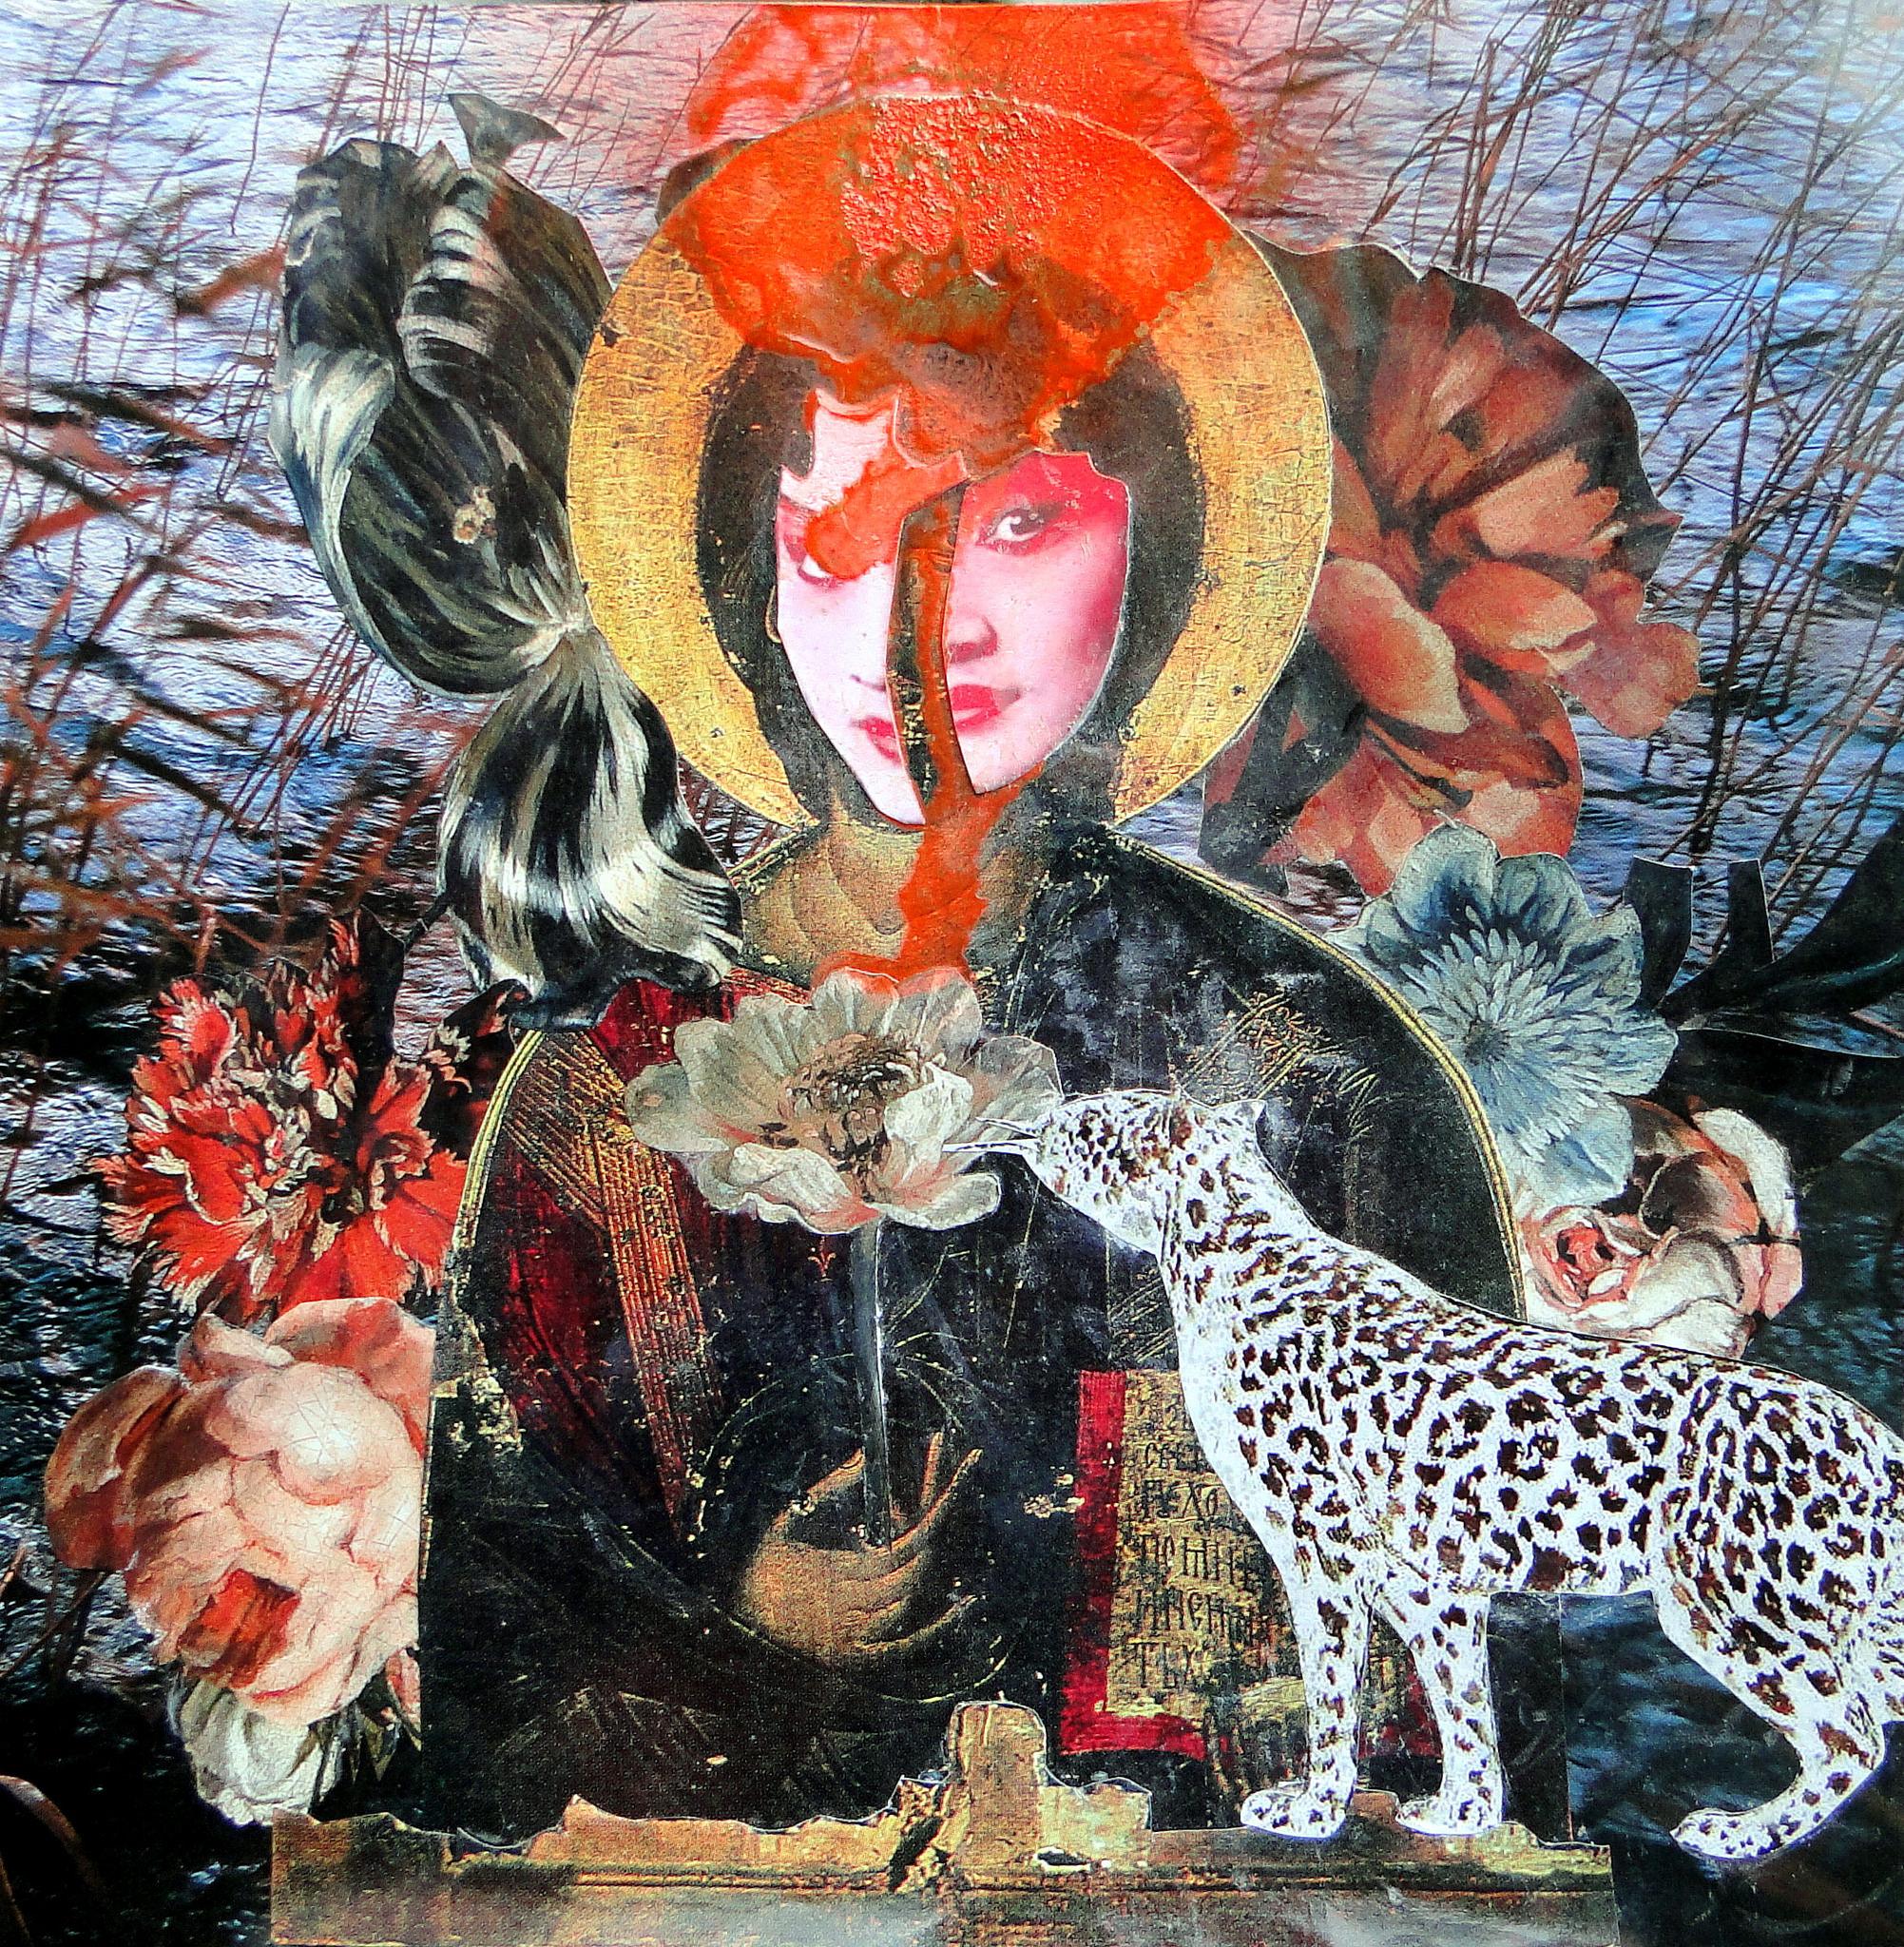 (c) Lumi Divinior by Gunilla Göttlicher, Heiliges Wesen mit Blumen und Leopard, 2014